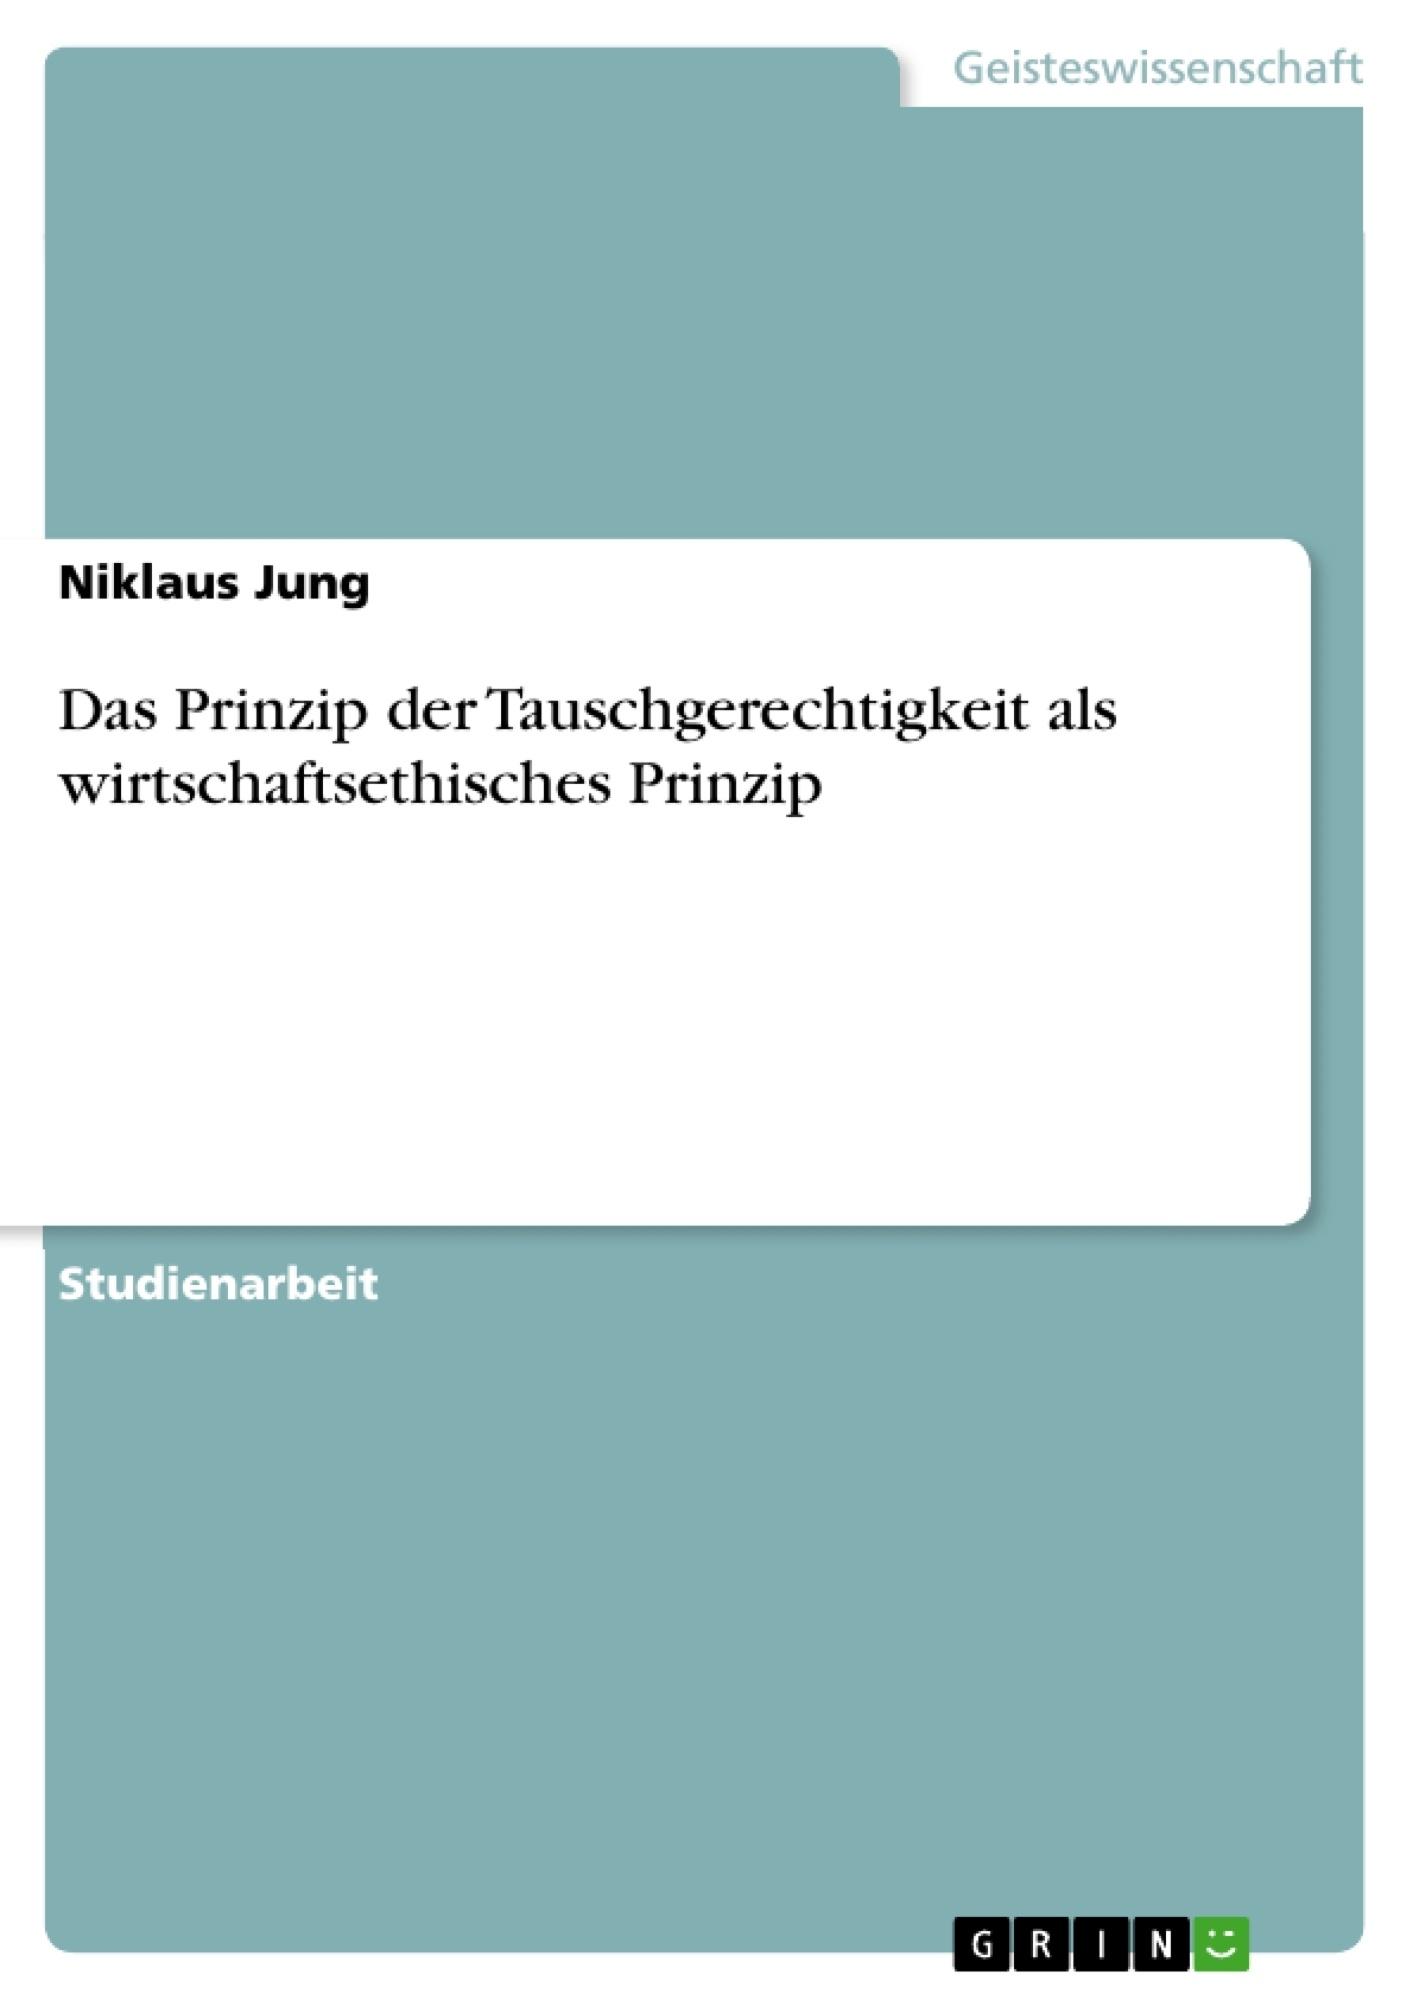 Titel: Das Prinzip der Tauschgerechtigkeit als wirtschaftsethisches Prinzip